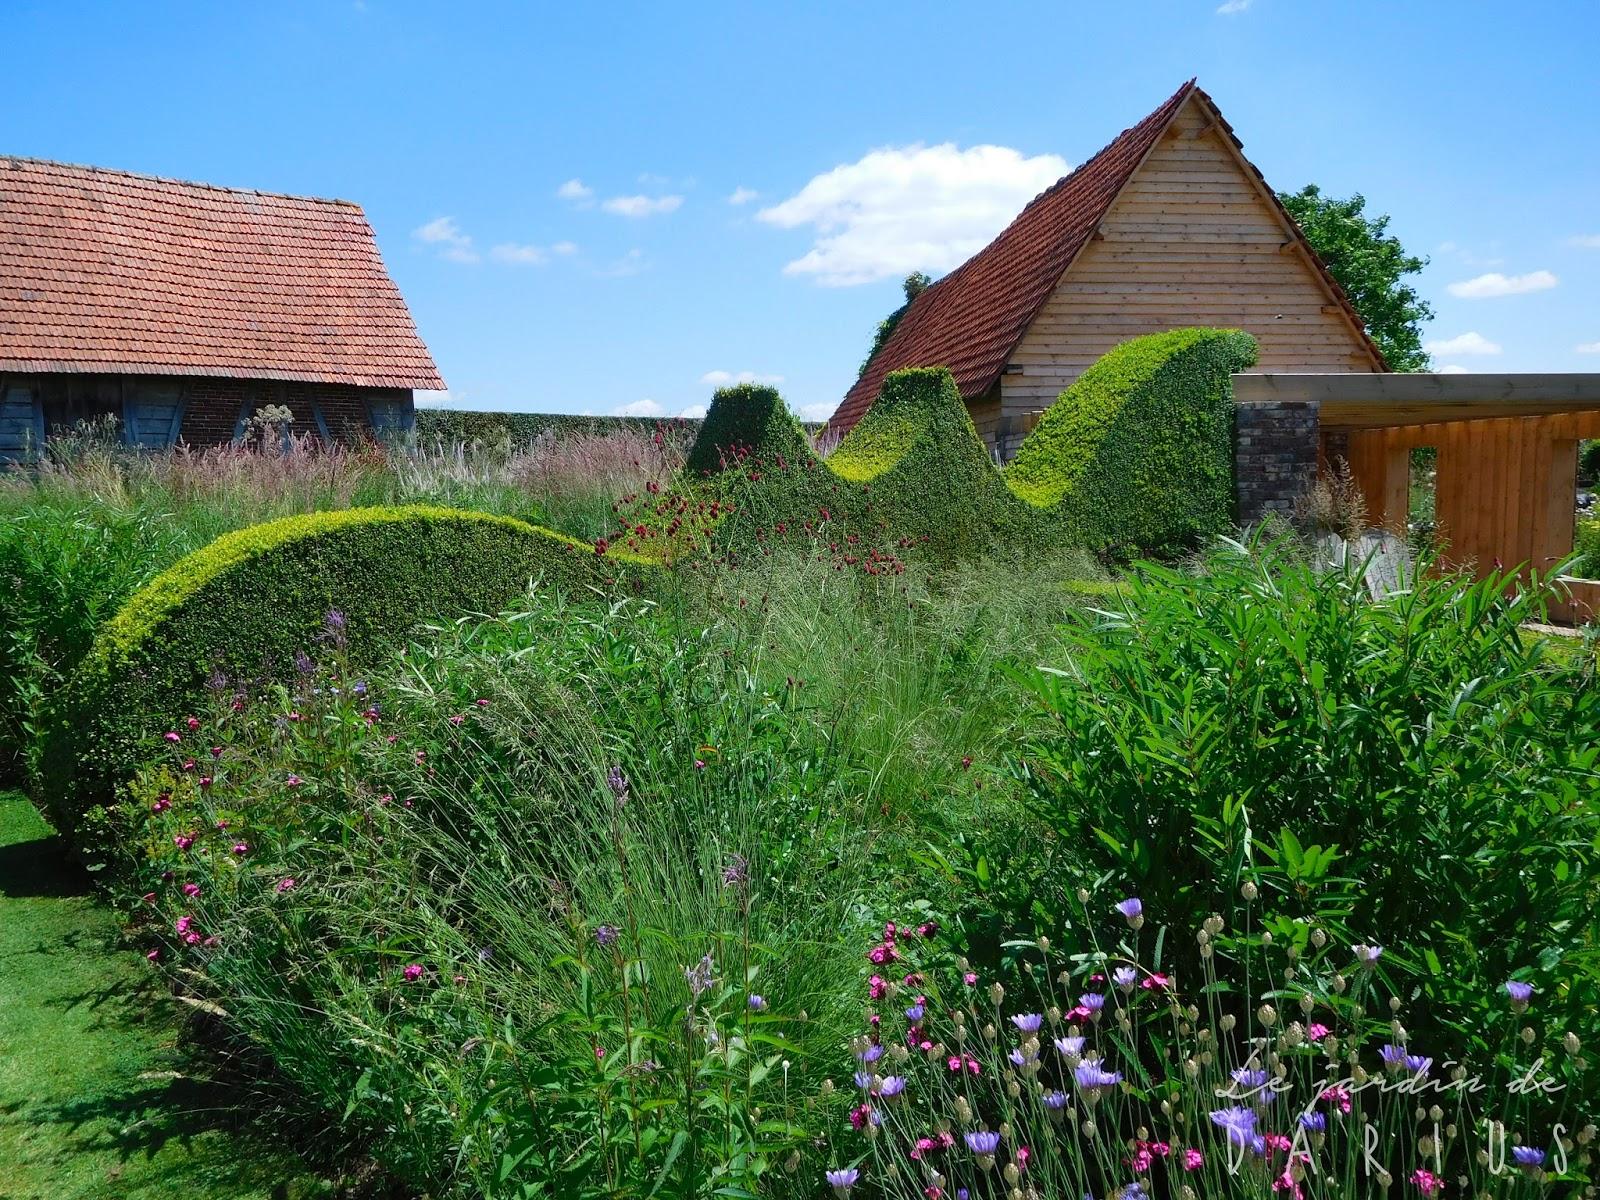 Le jardin de darius le jardin plume for Le jardin plume 76